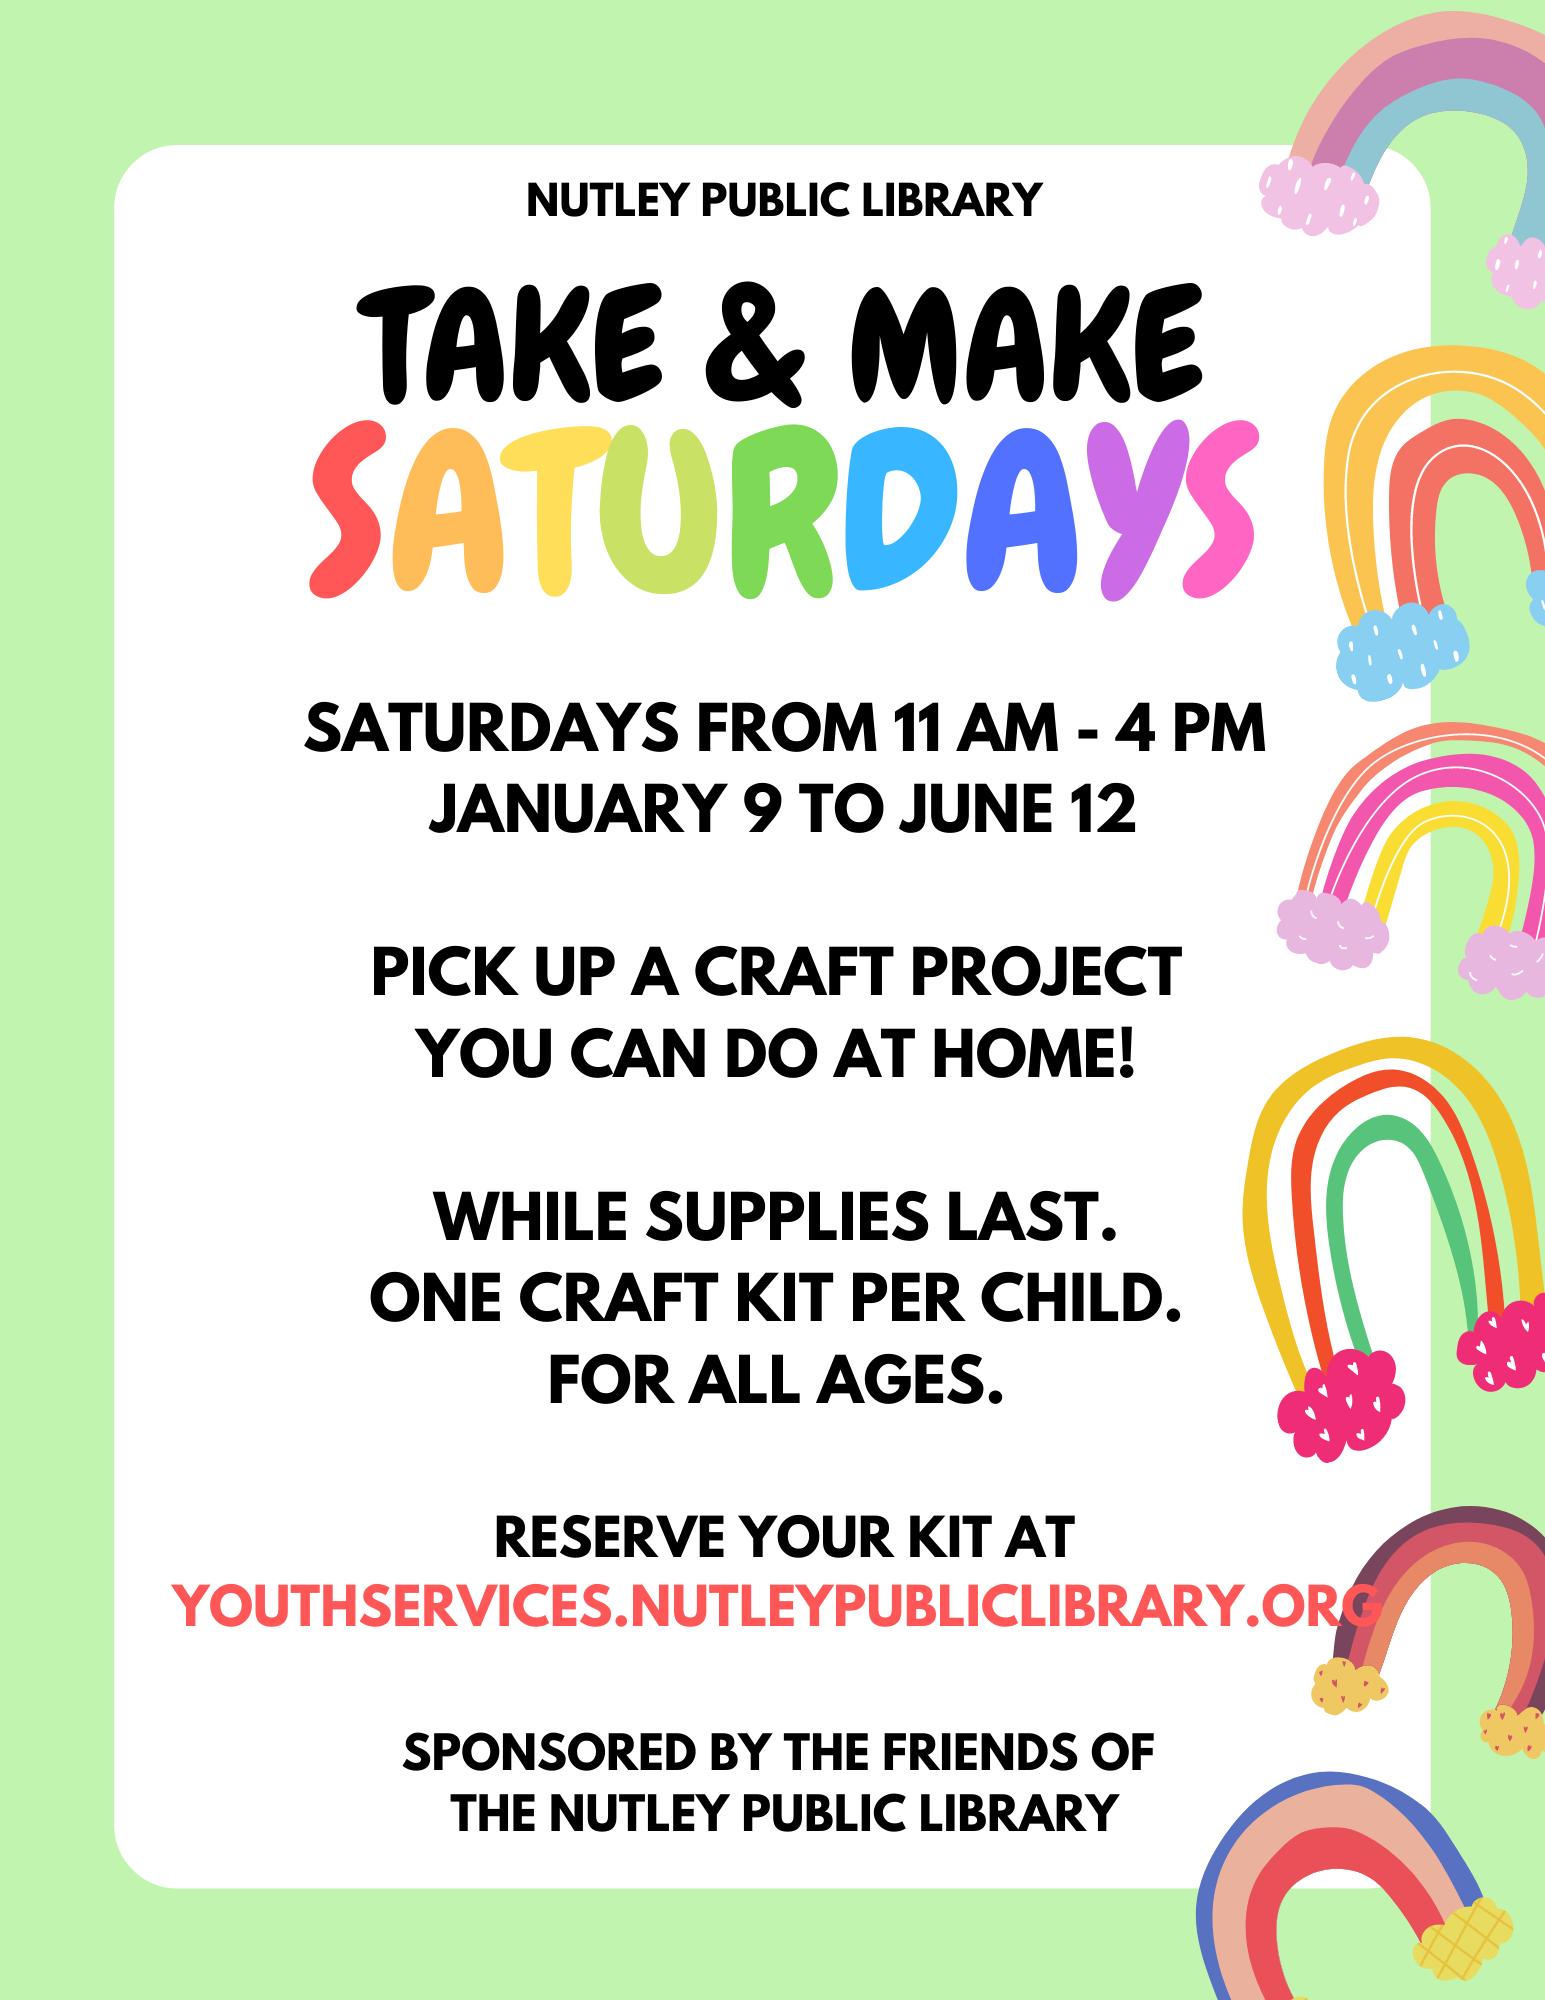 Take & Make Saturday Craft